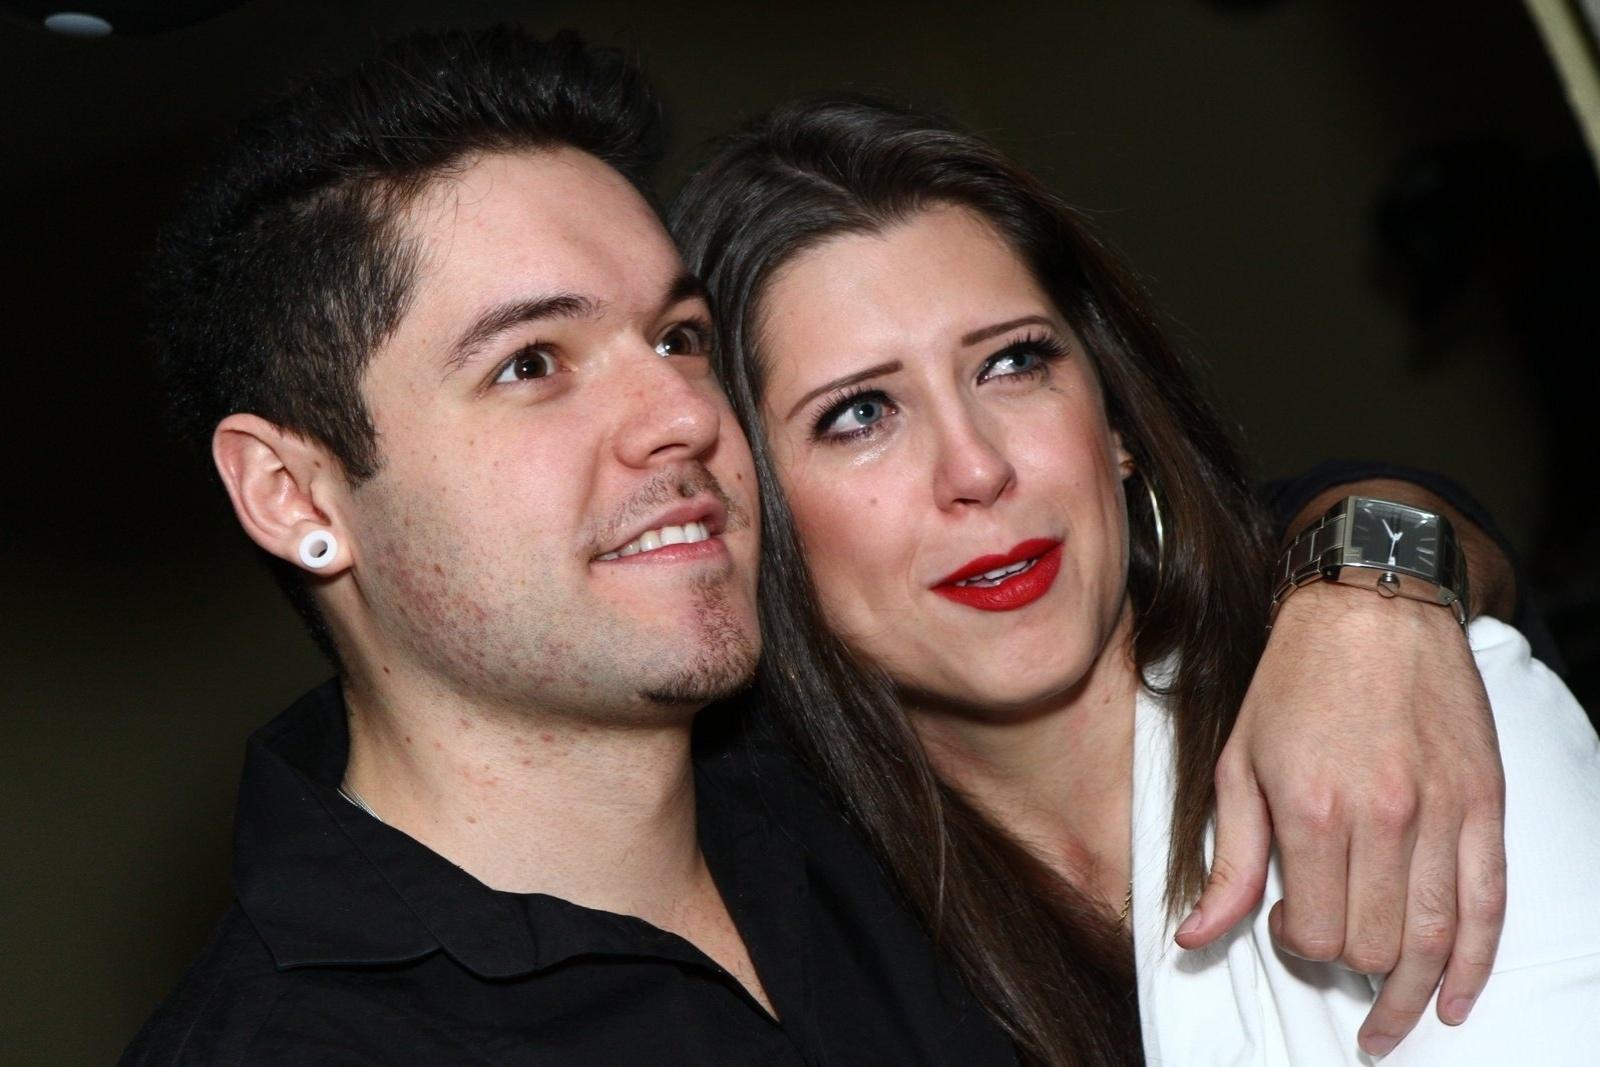 1.ago.2013 - Andressa se emociona ao receber festa de aniversário no Rio de Janeiro. A ex-BBB completa 24 anos